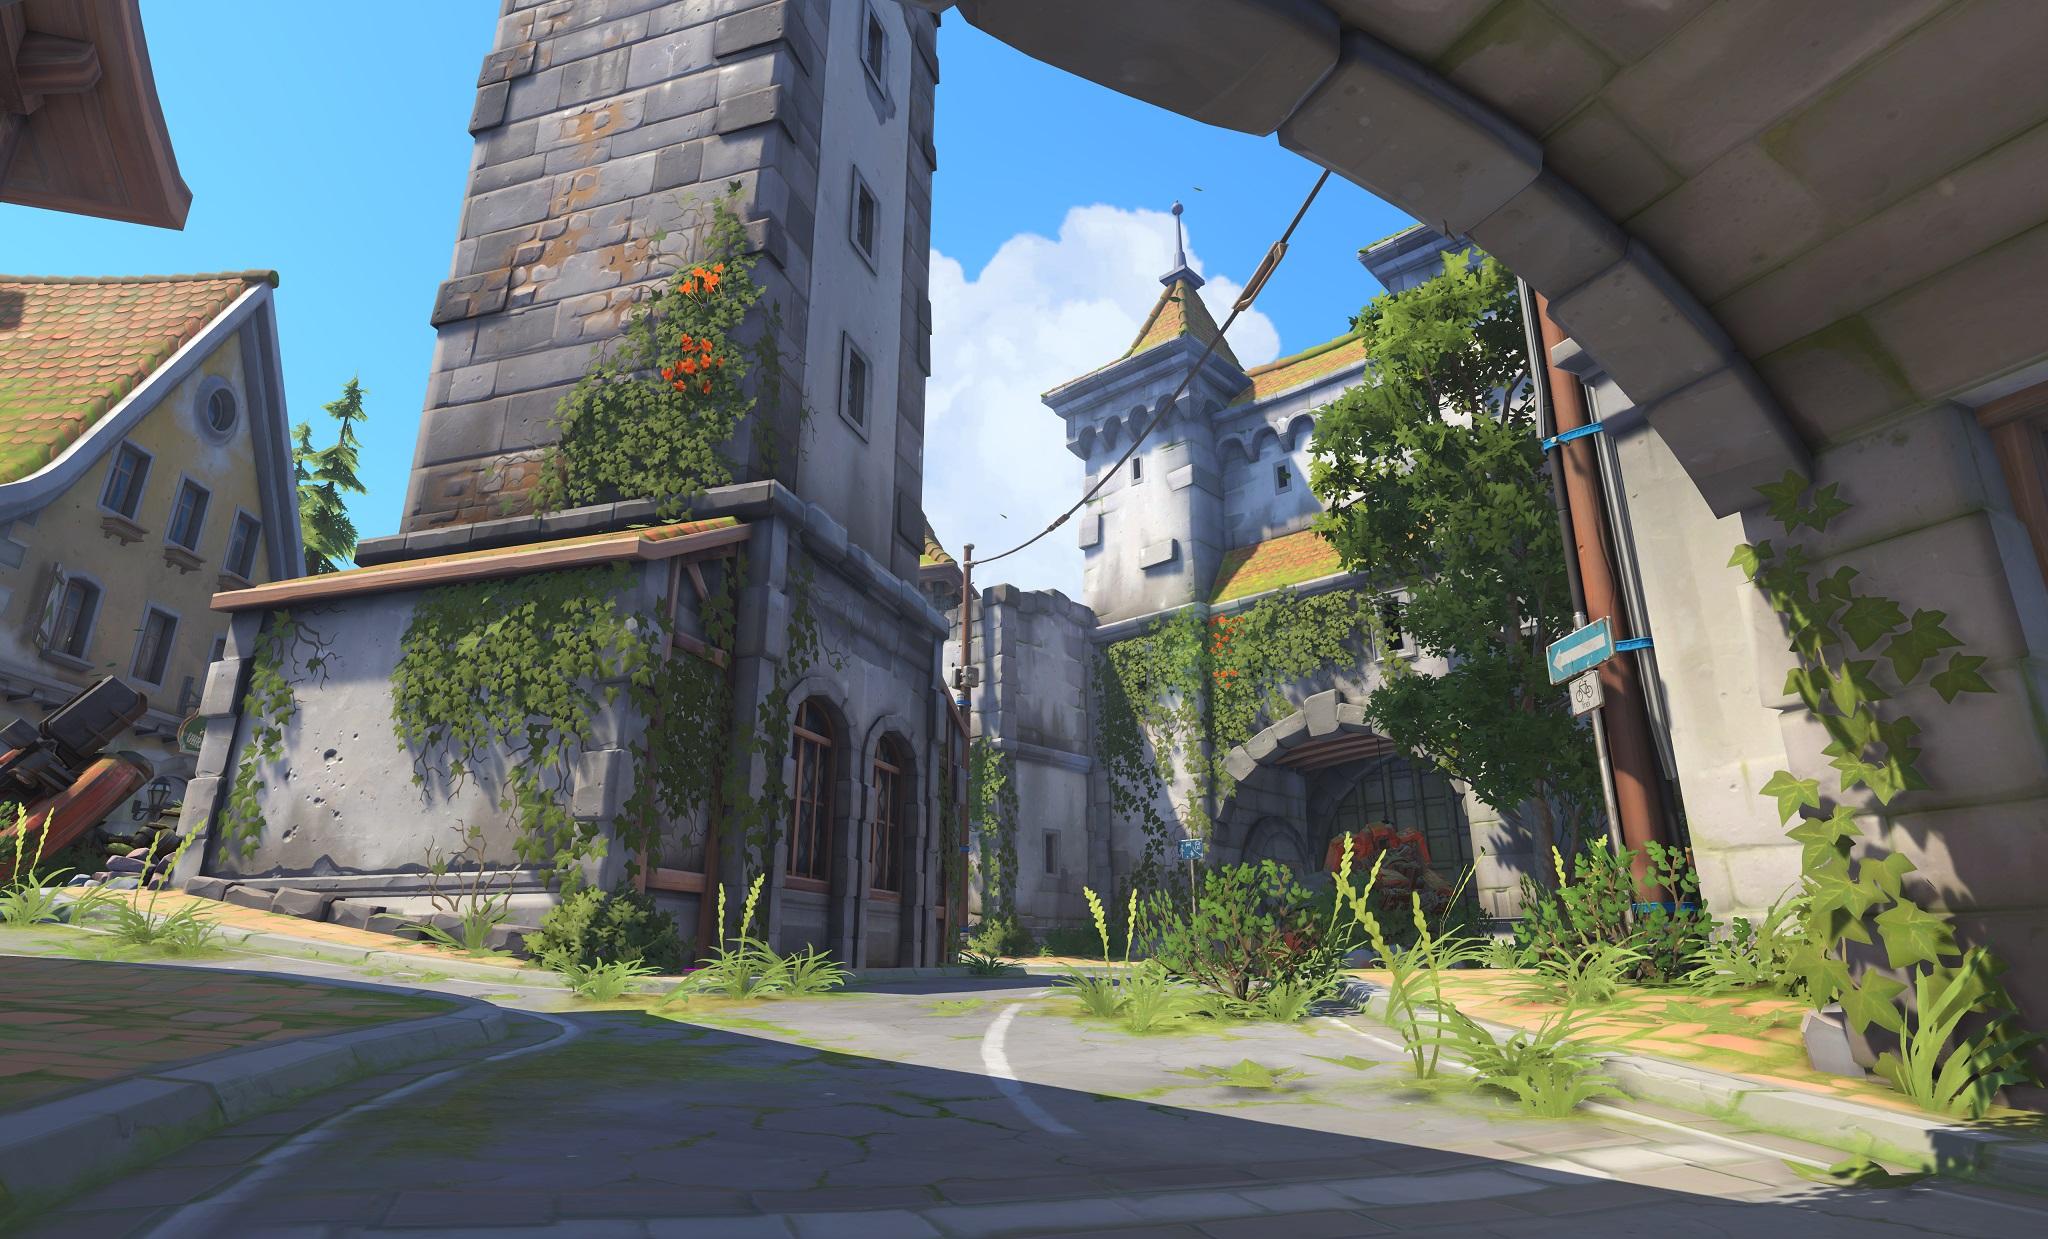 Nová mapa pro Overwatch nás zavede do hradu a přilehlého městečka v Německu 128662